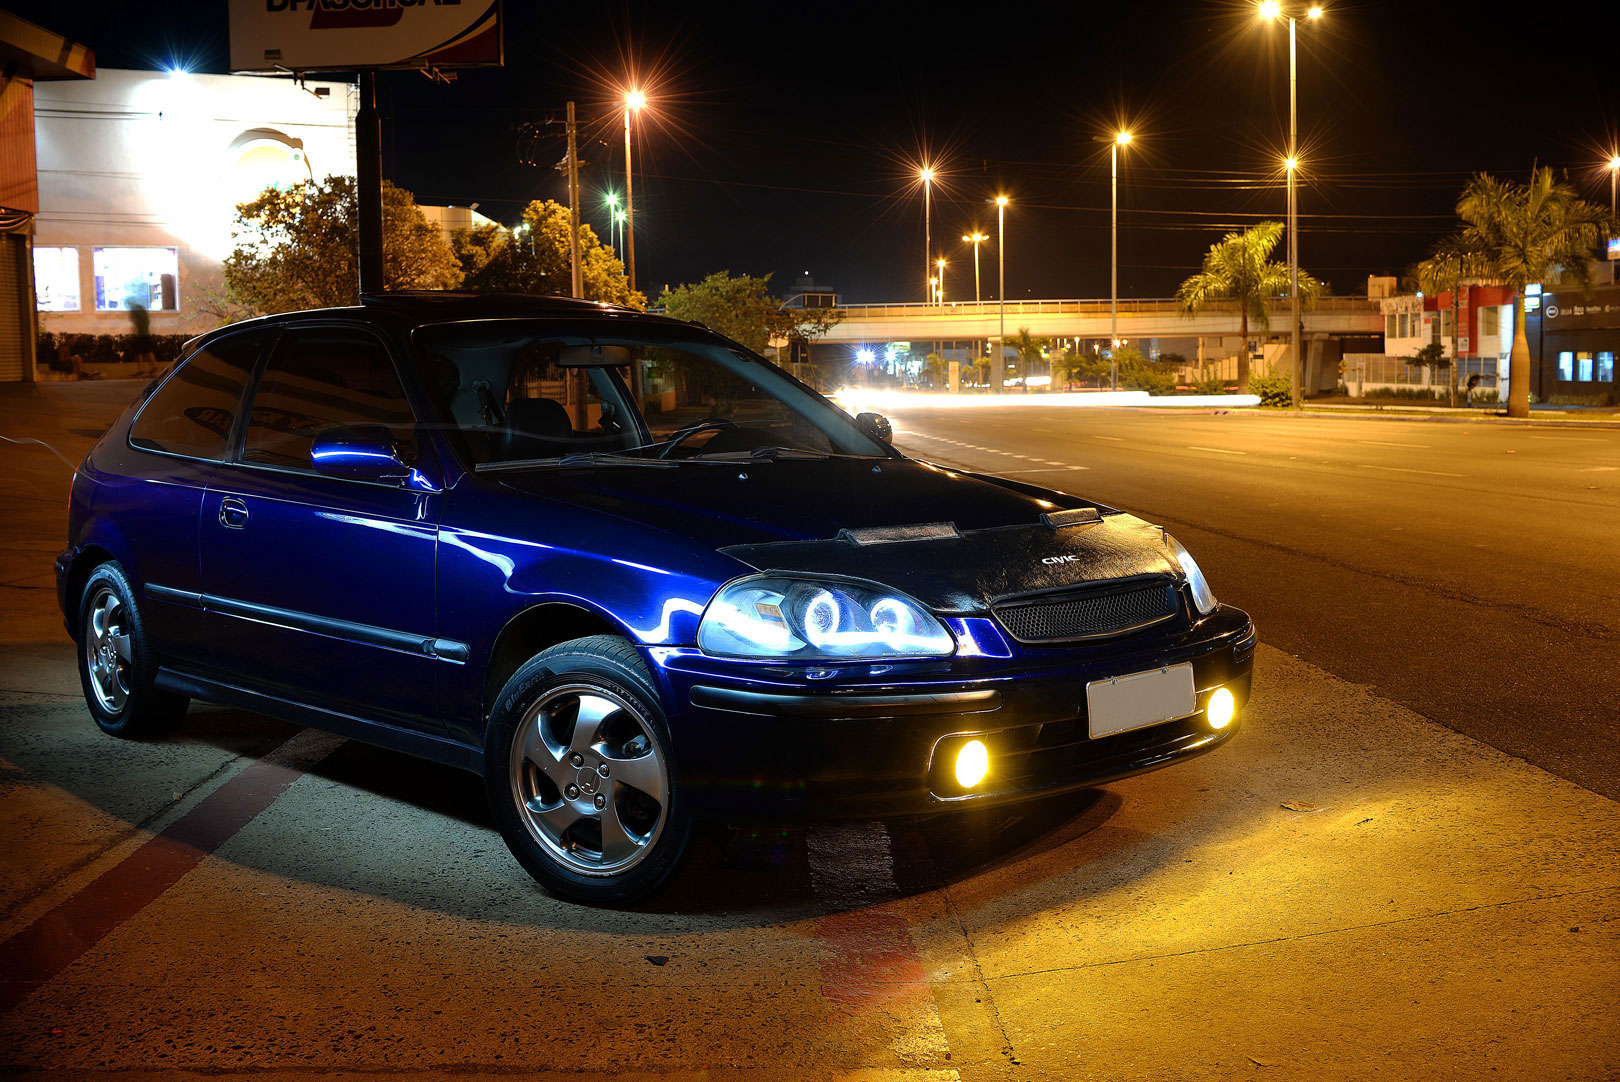 Ensaio Civic VTi Ek4